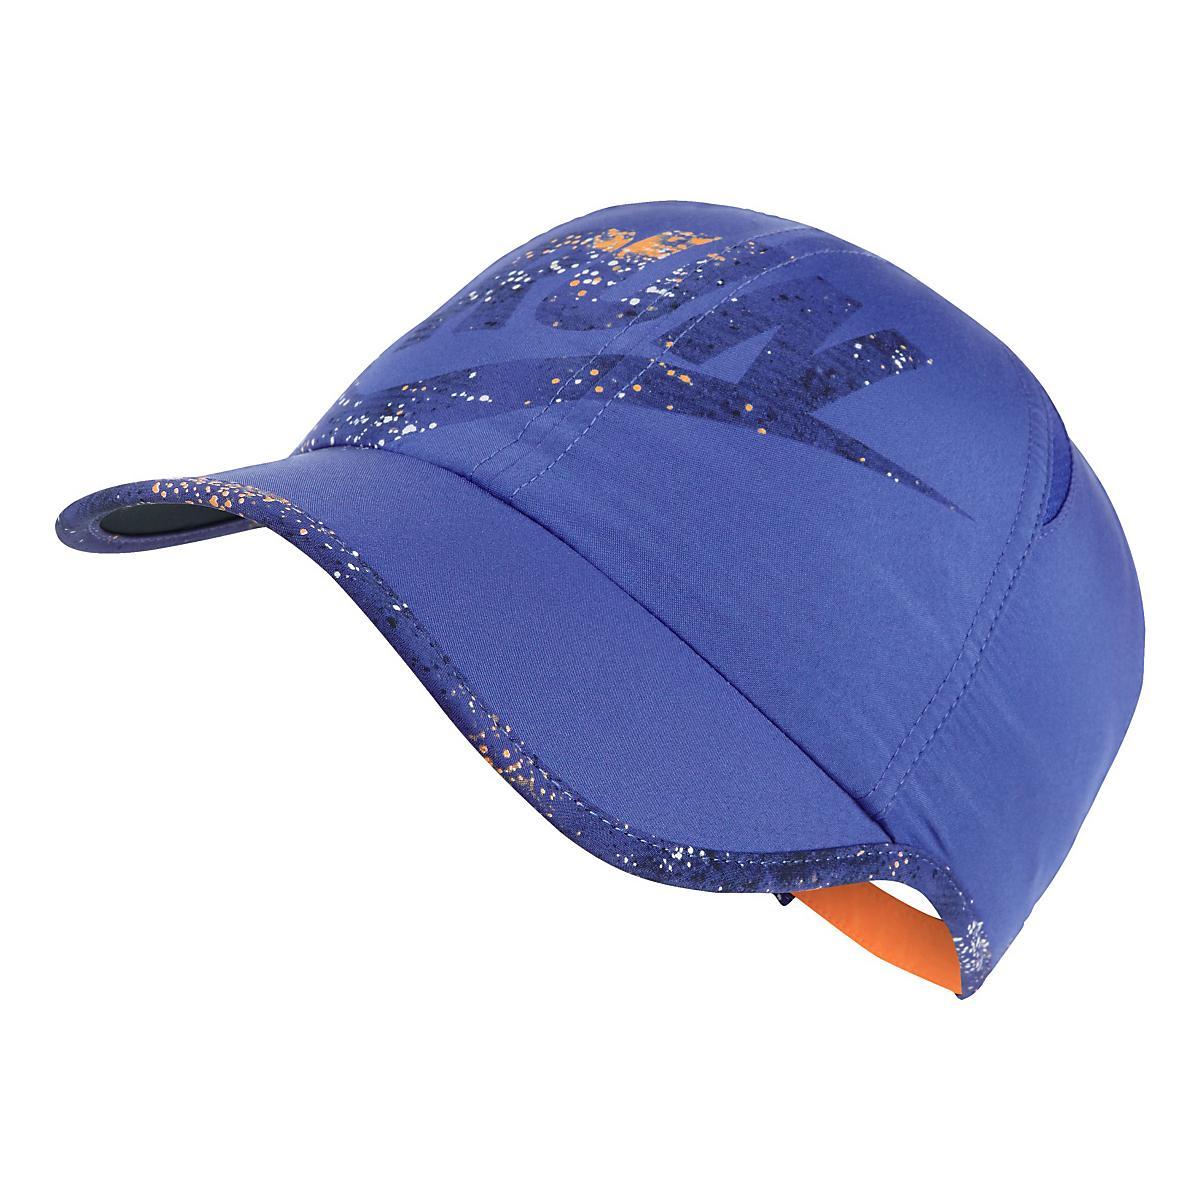 297c8fa3d58 Womens Nike Run Swoosh Printed Featherlight Cap Headwear at Road Runner  Sports